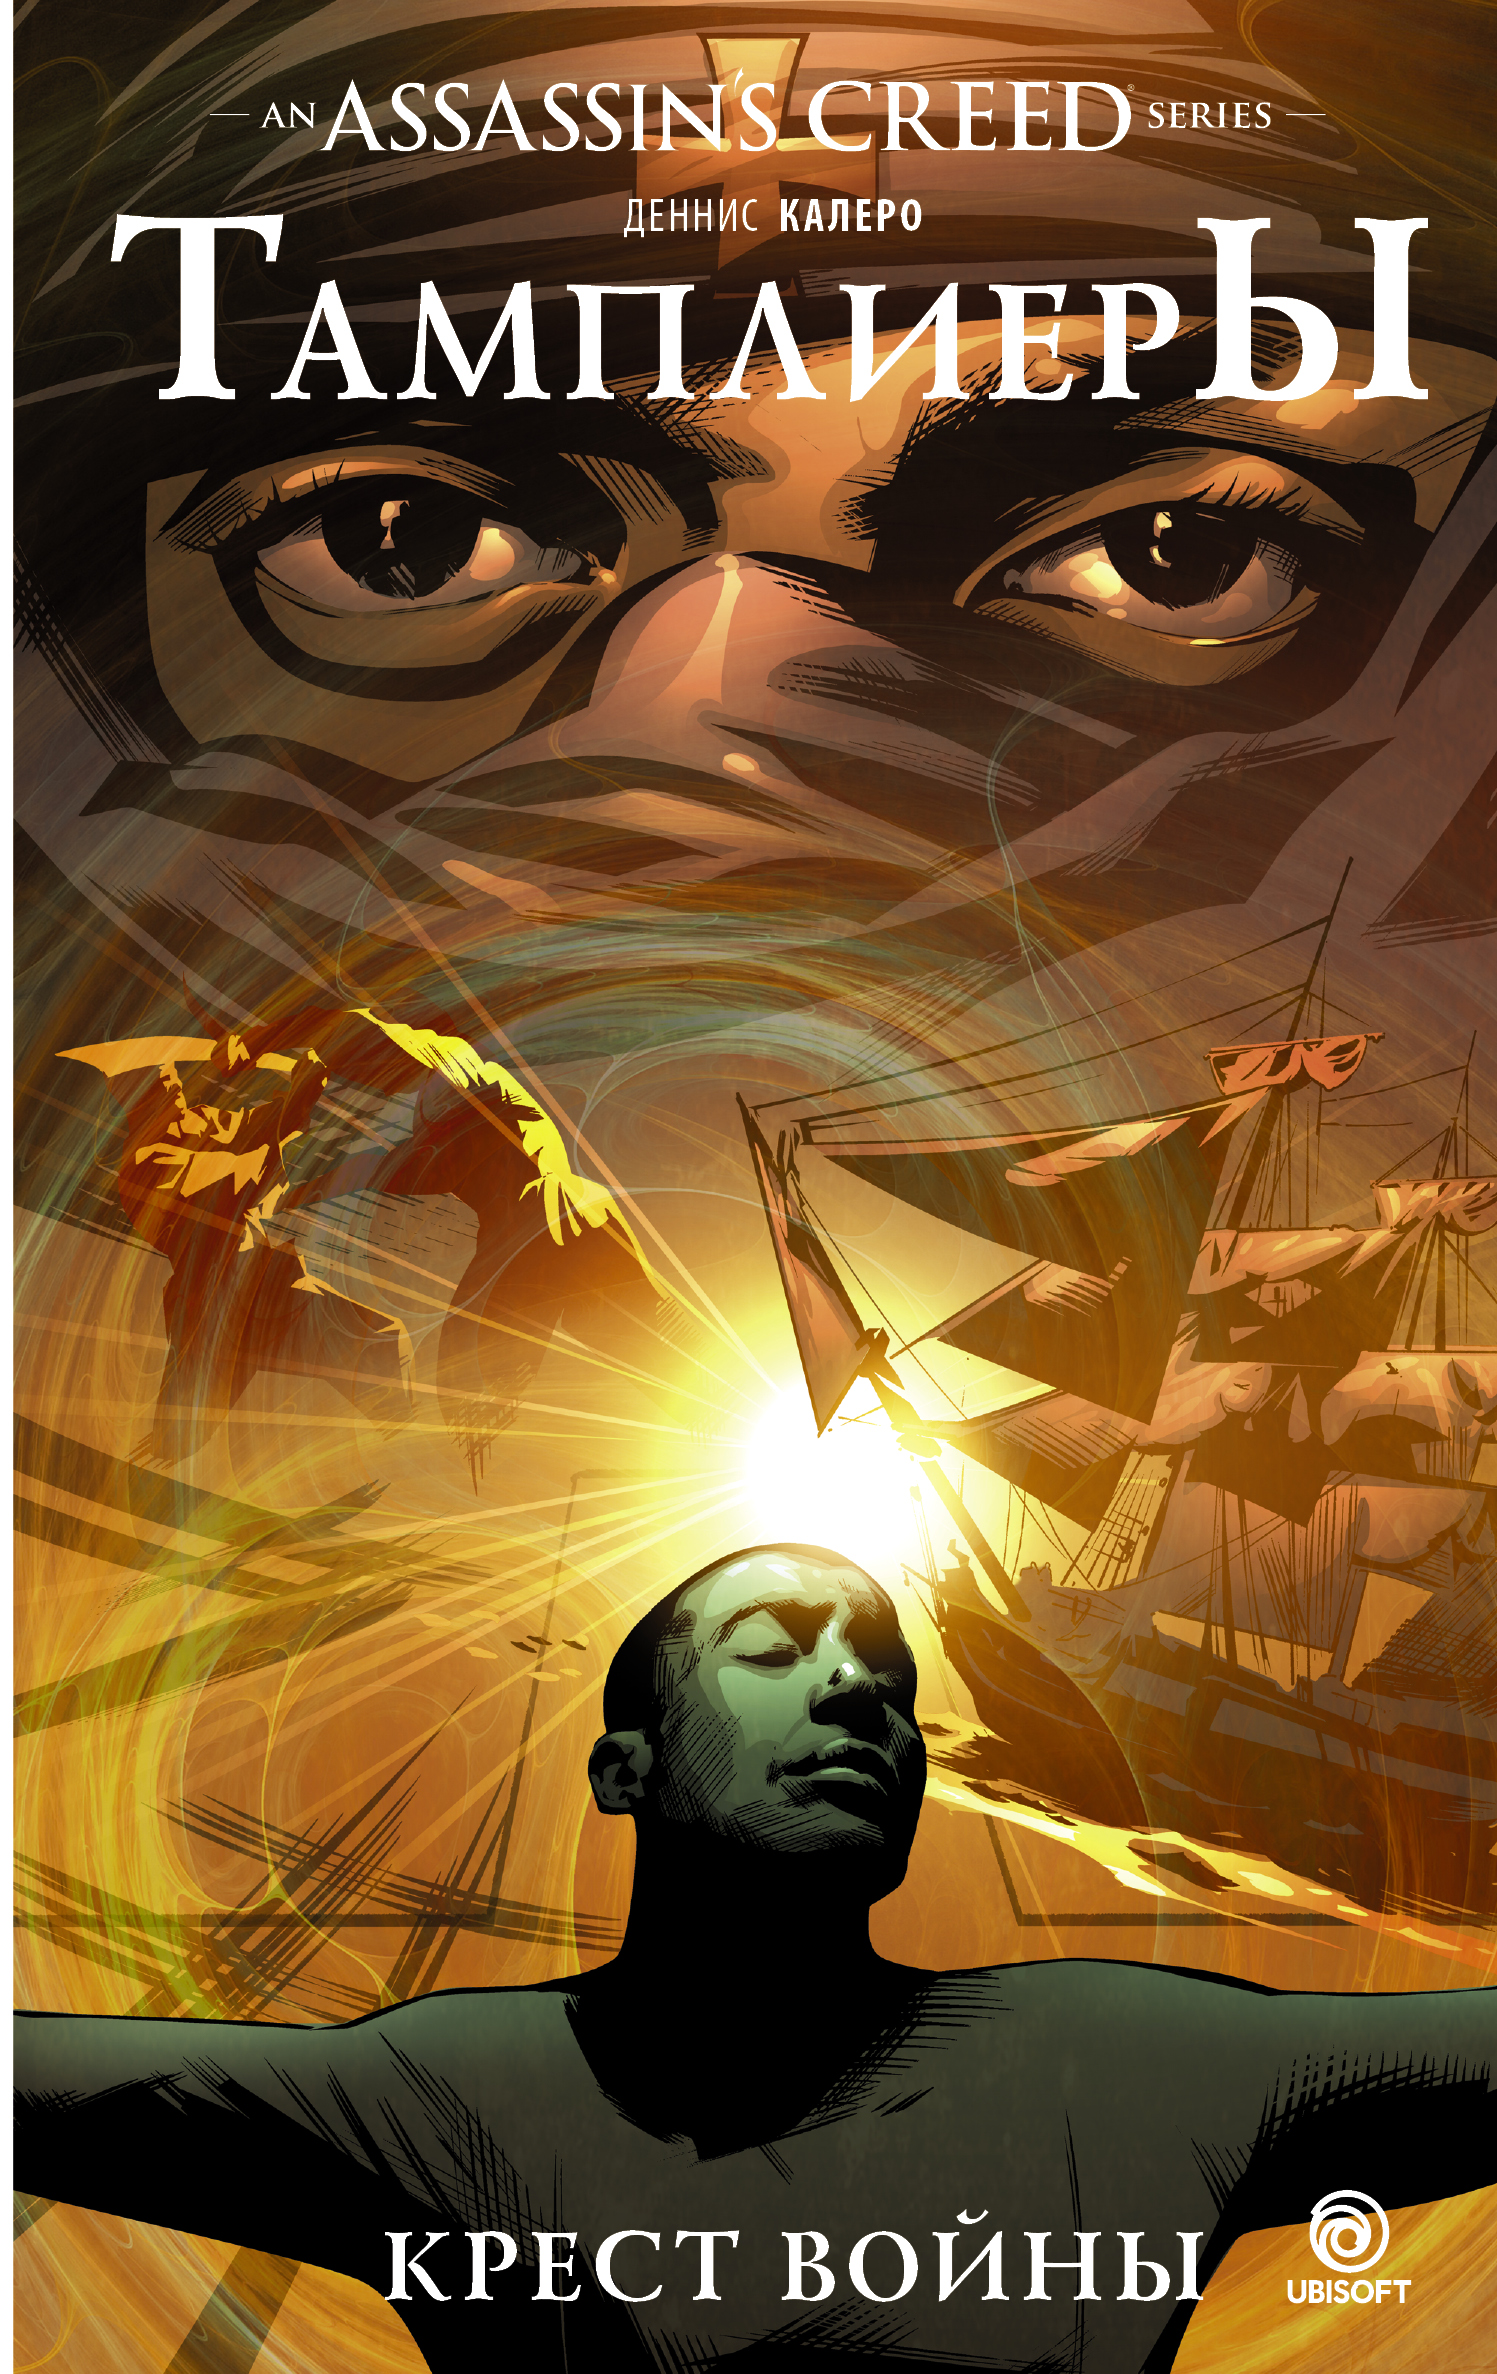 Деннис Калеро Assassin's Creed: Тамплиеры. Крест войны ален демурже жизнь и смерть ордена тамплиеров 1120 1314